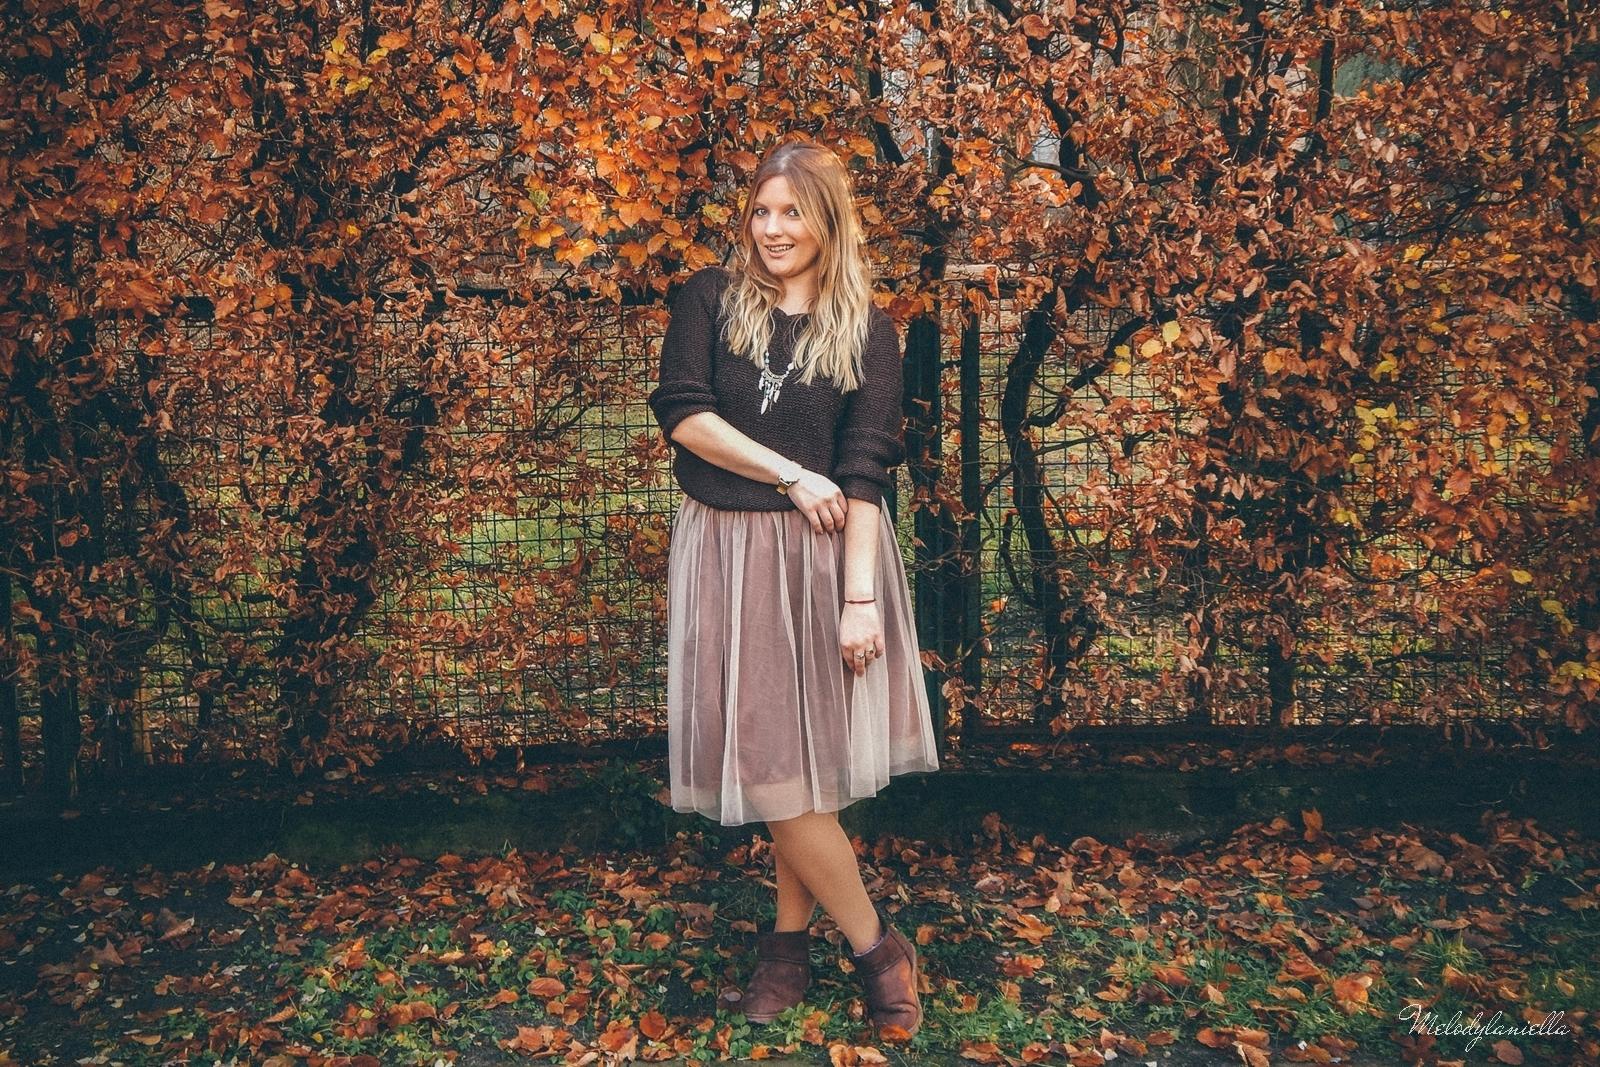 1 jesienna stylizacja tutu tiulowa spódnica dla dorosłych brązowy sweter torebka manzana melodylaniella autumn style fashion ciekawa stylizacja na jesień brązowa spódnica